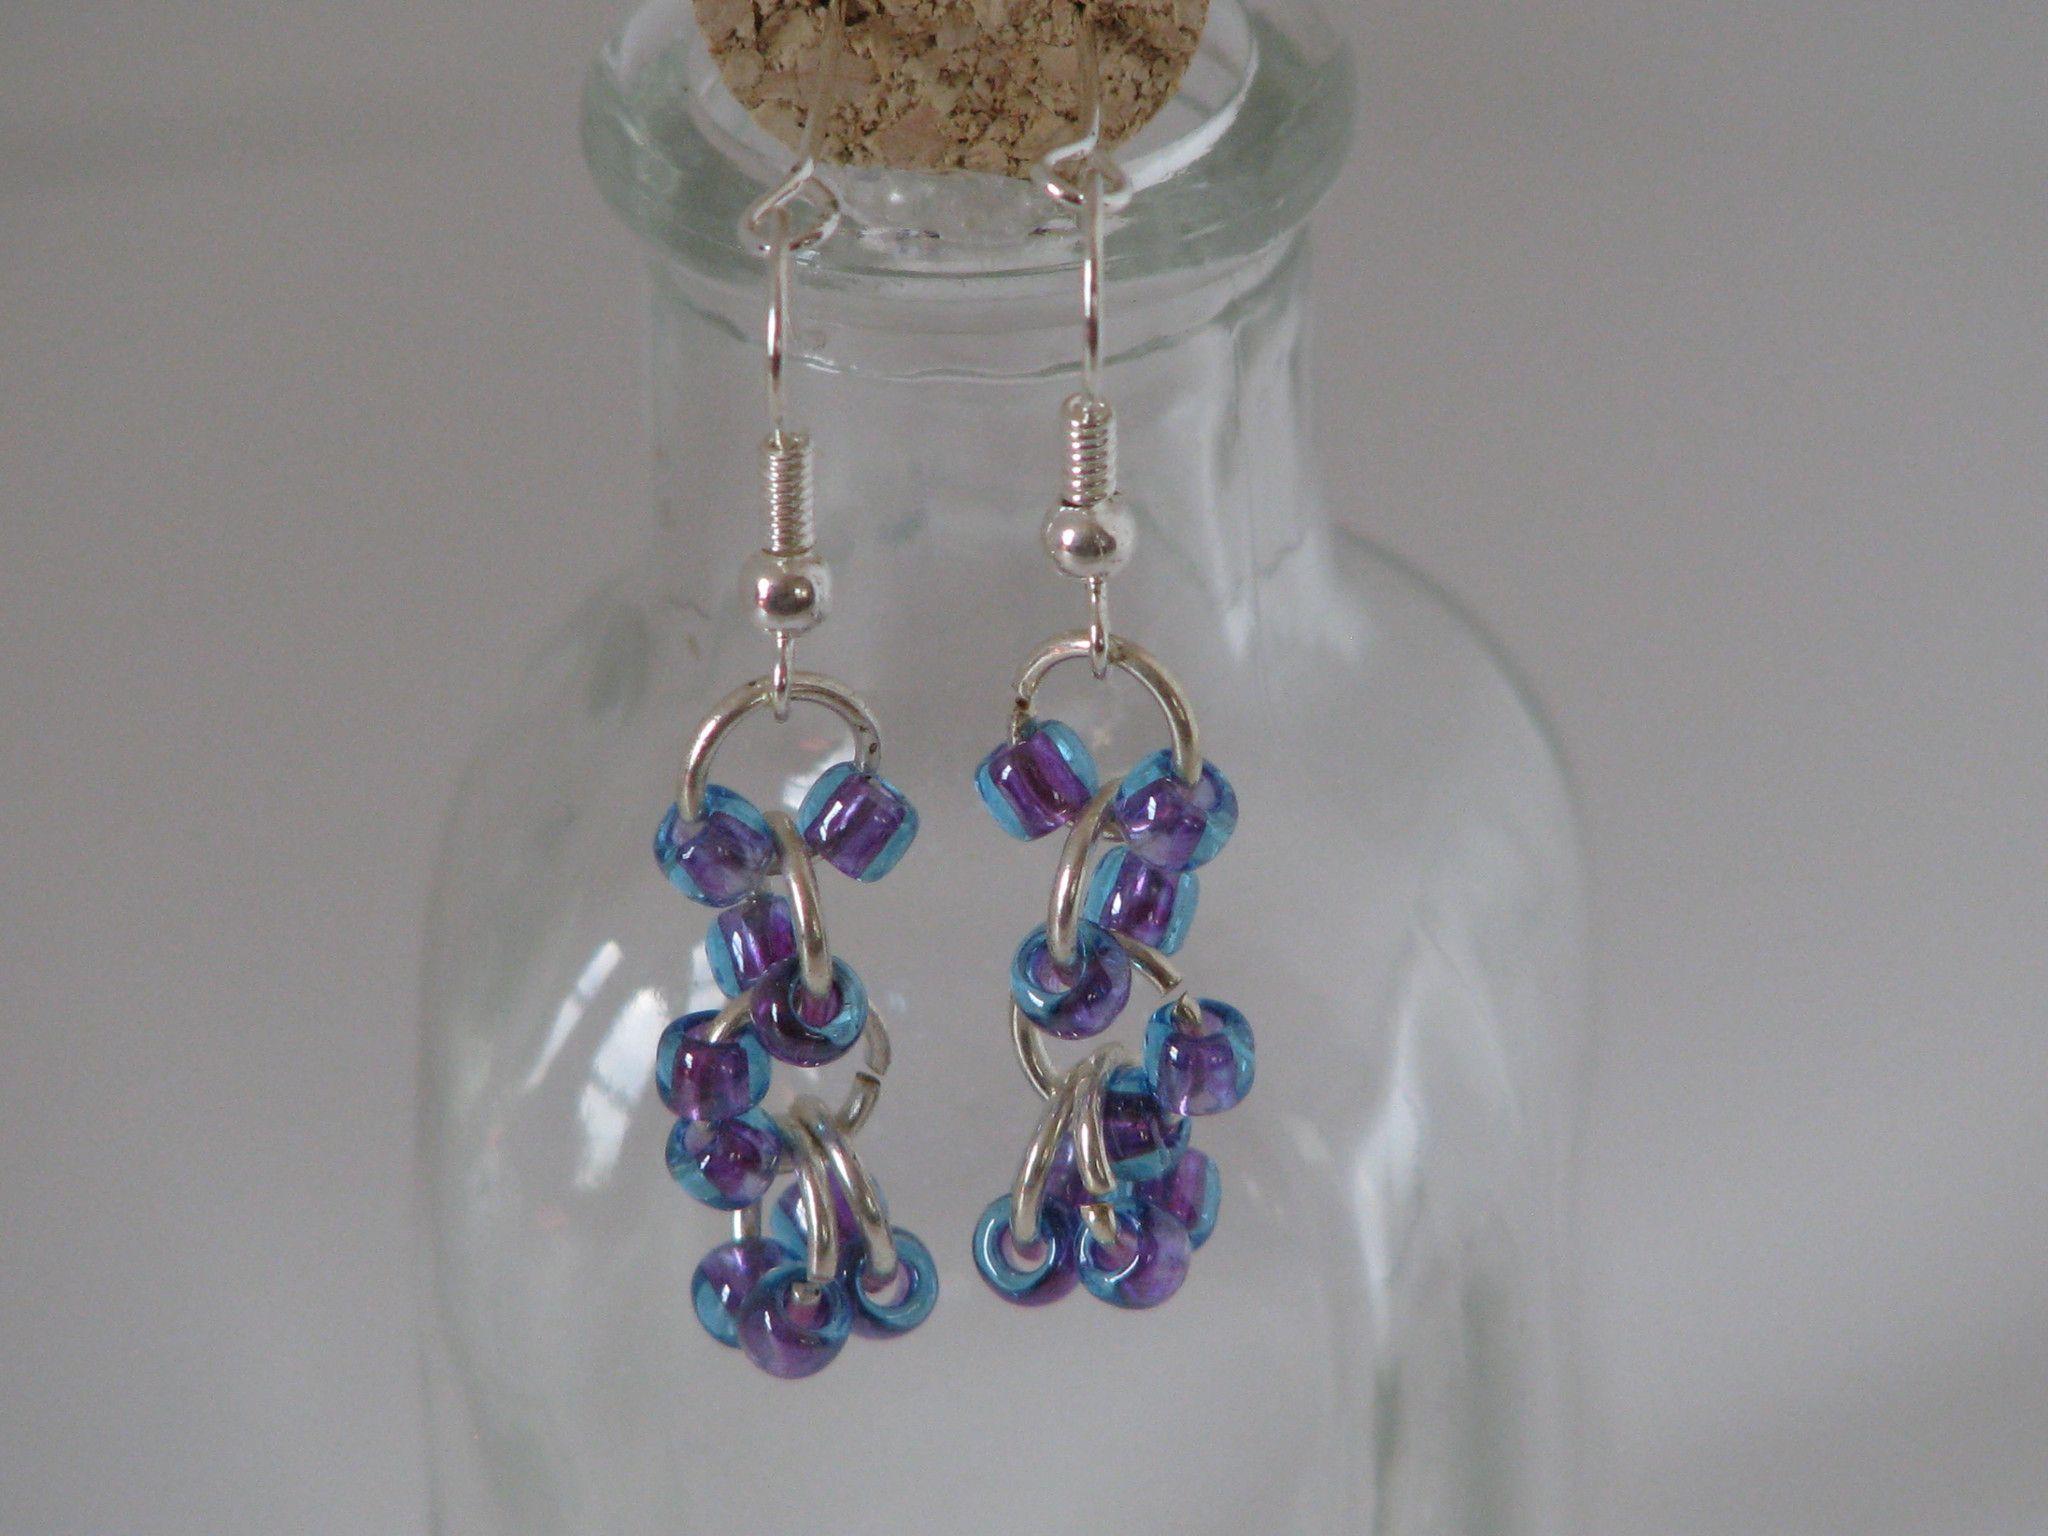 Earrings in a Bottle